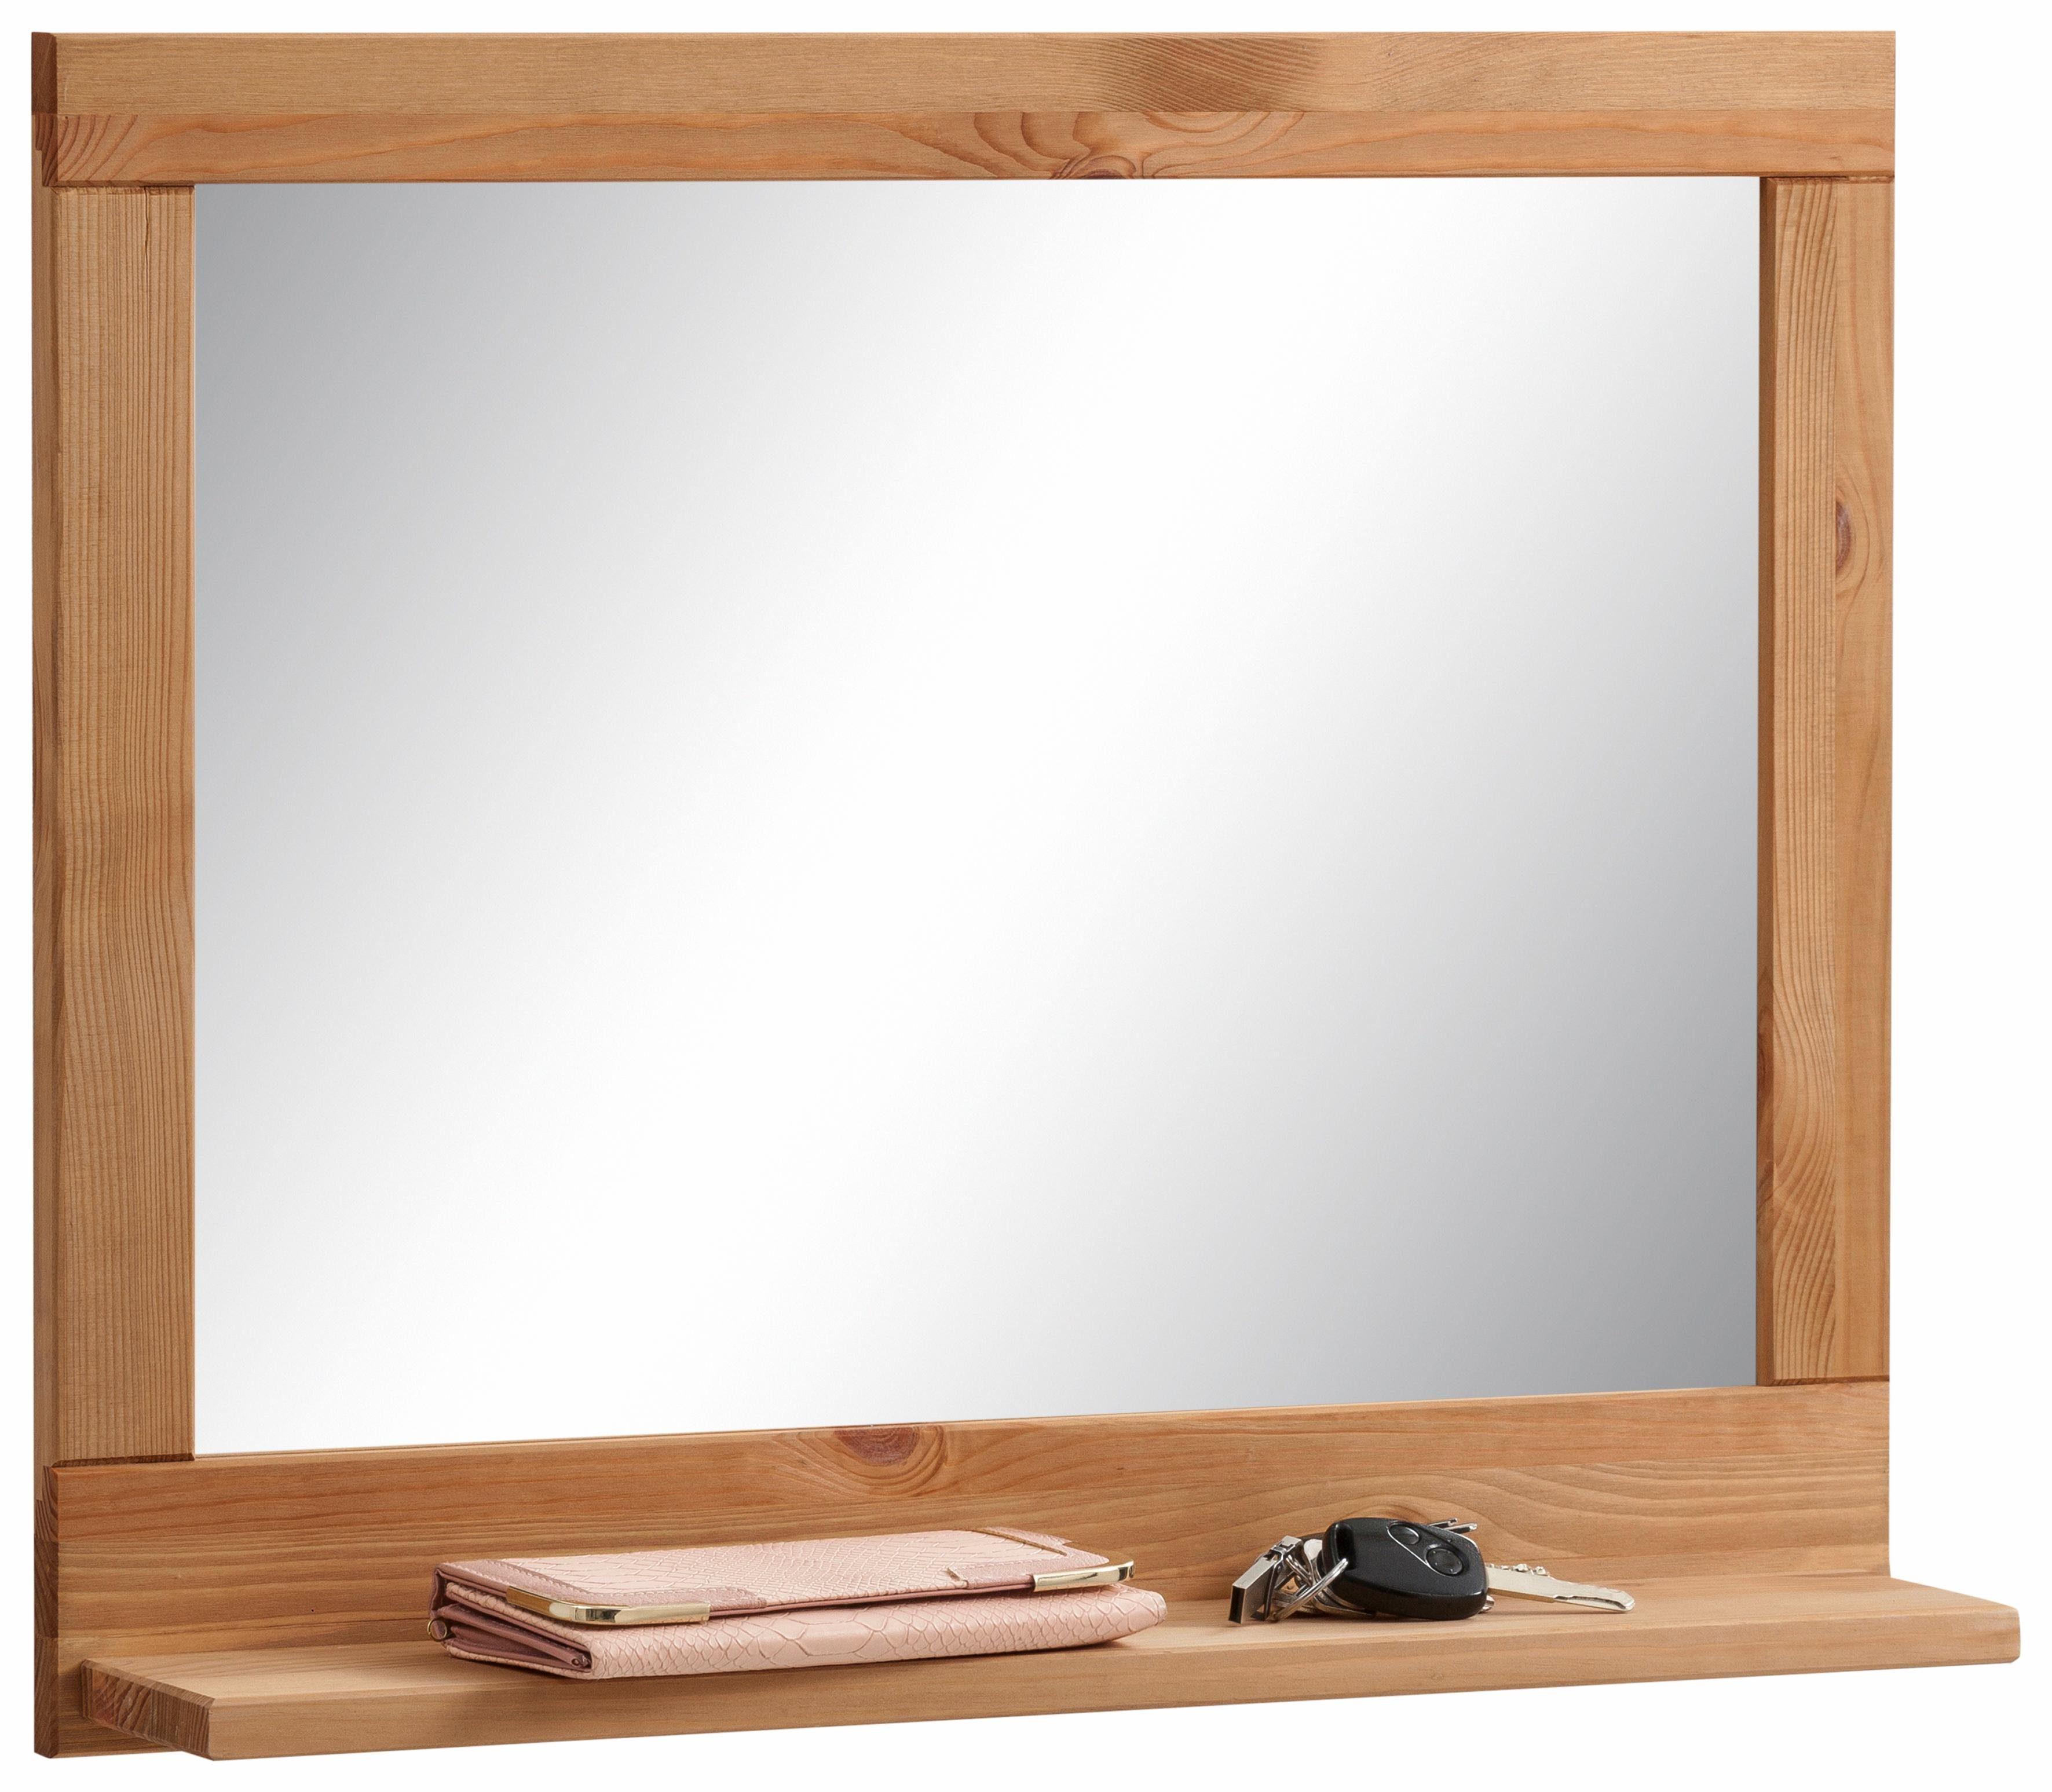 Super Badspiegel mit & ohne Beleuchtung » online kaufen | OTTO BB65